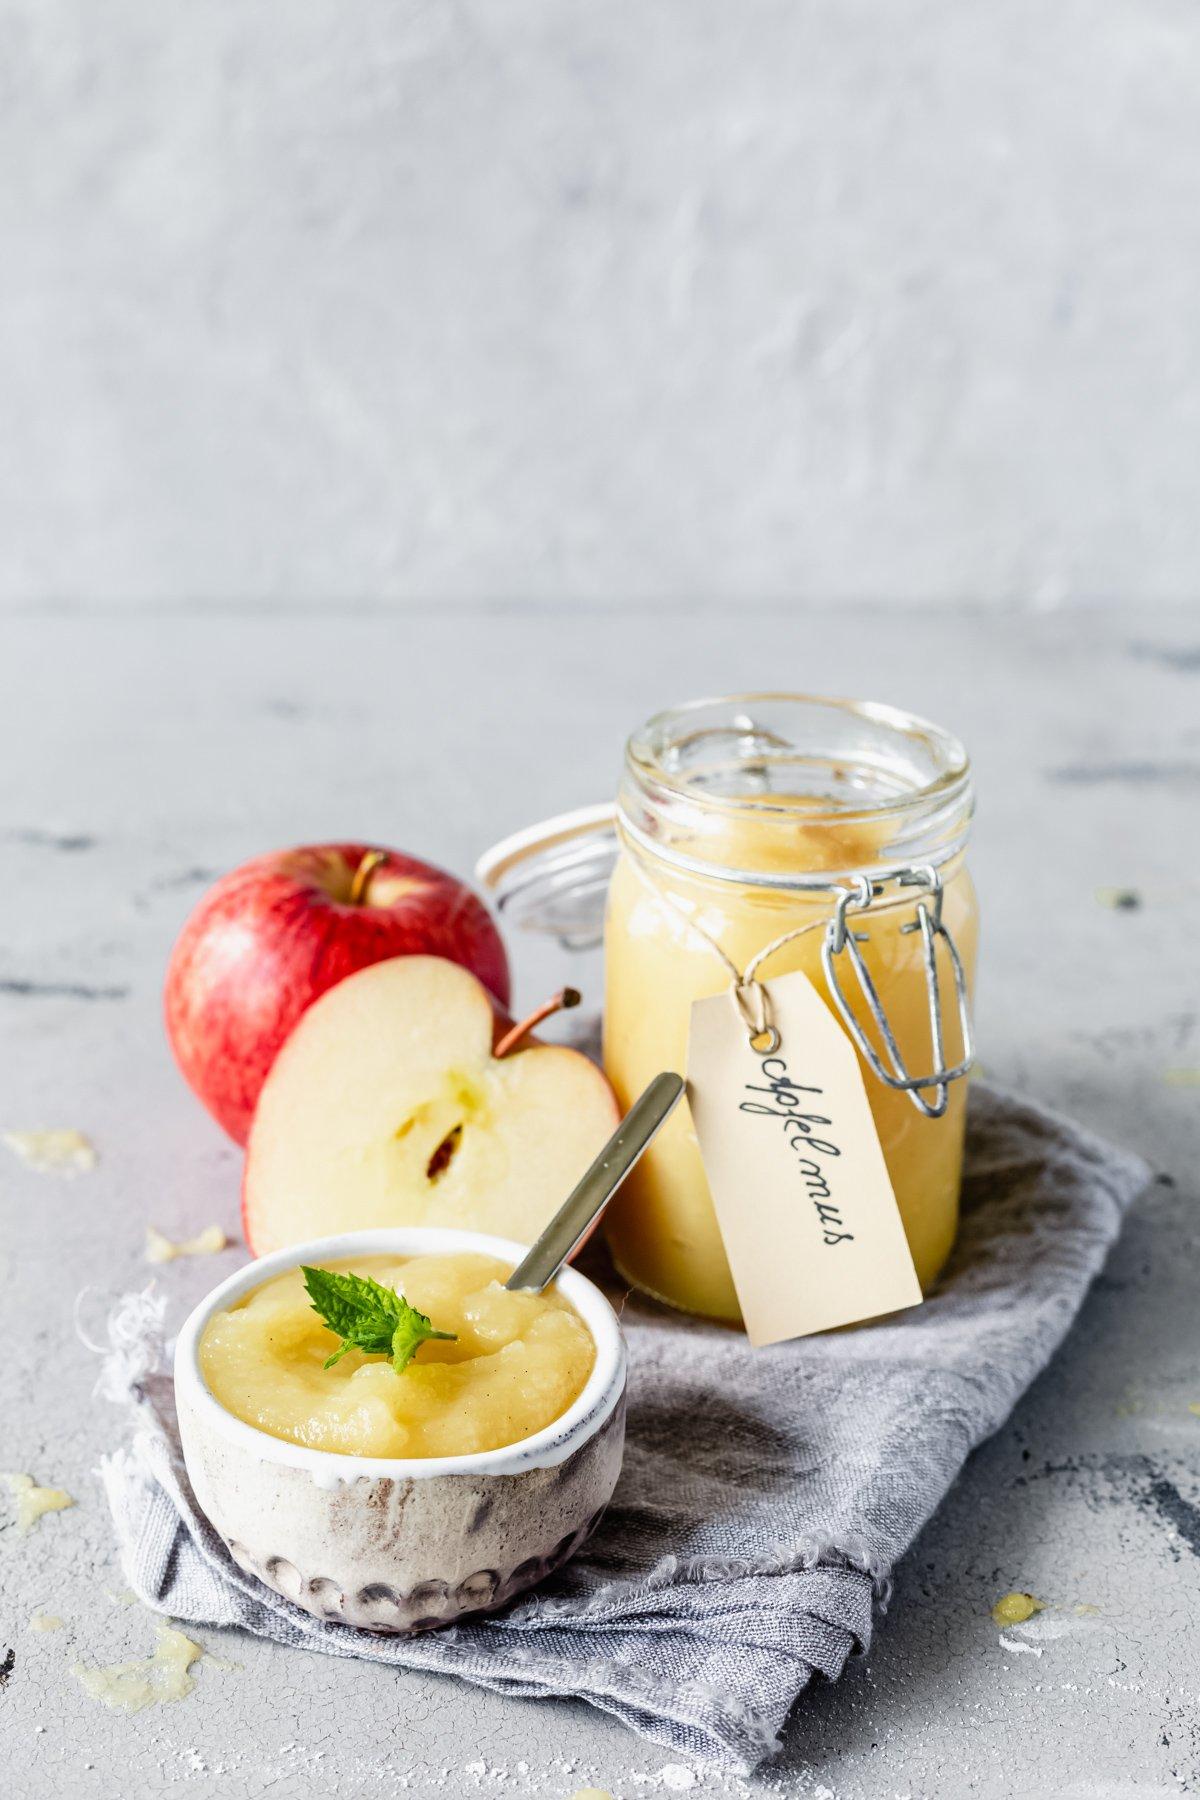 Selbstgemachtes Apfelmus im Glas mit Äpfeln und kleinem Schälchen